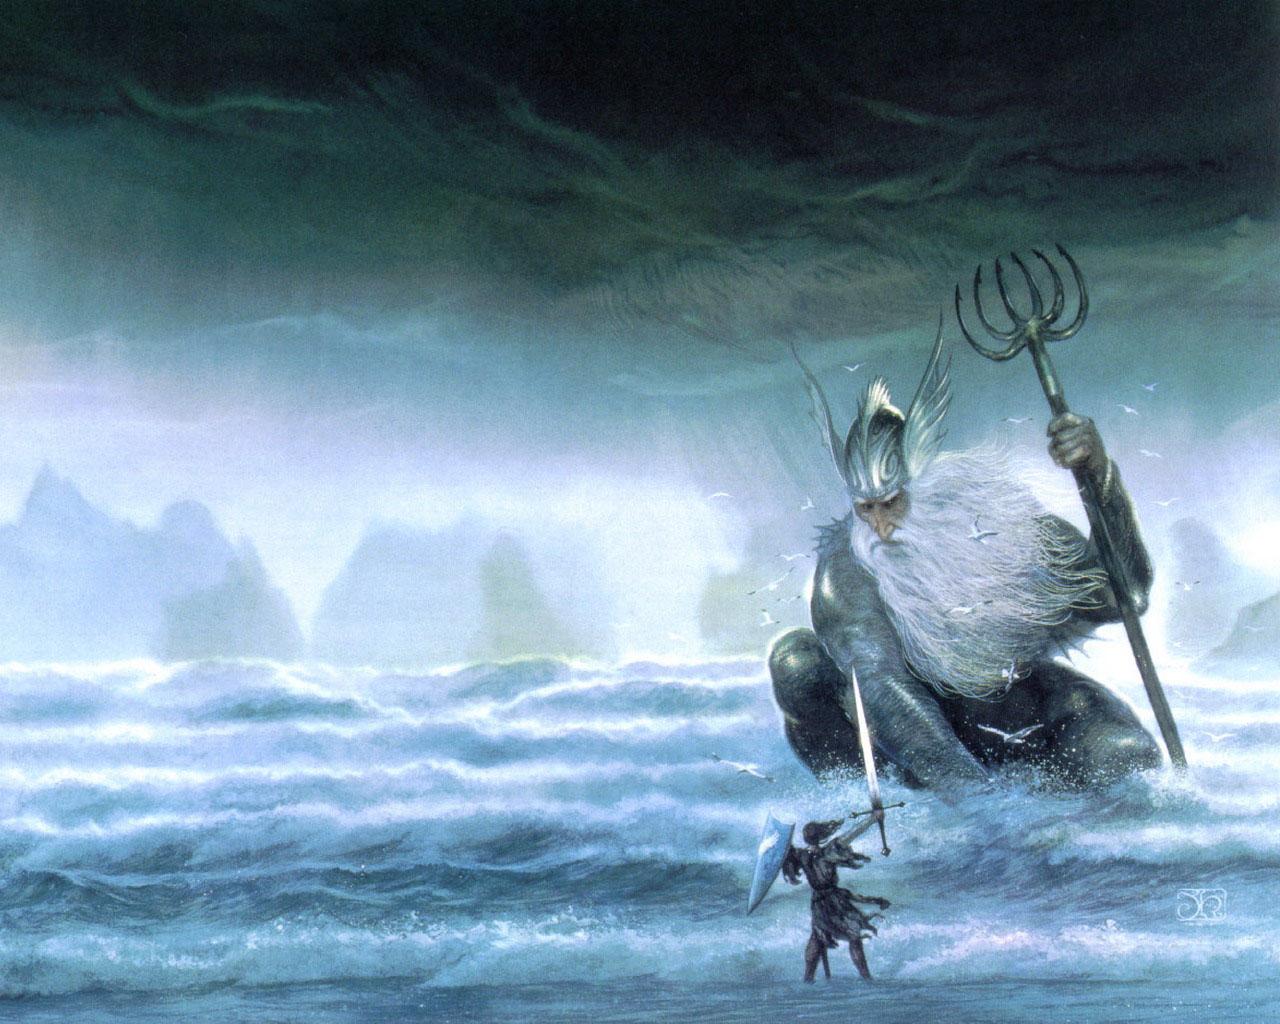 Sfondi fantasy grago e draghi sfondi desktop magia elfo for Paesaggi fantasy immagini